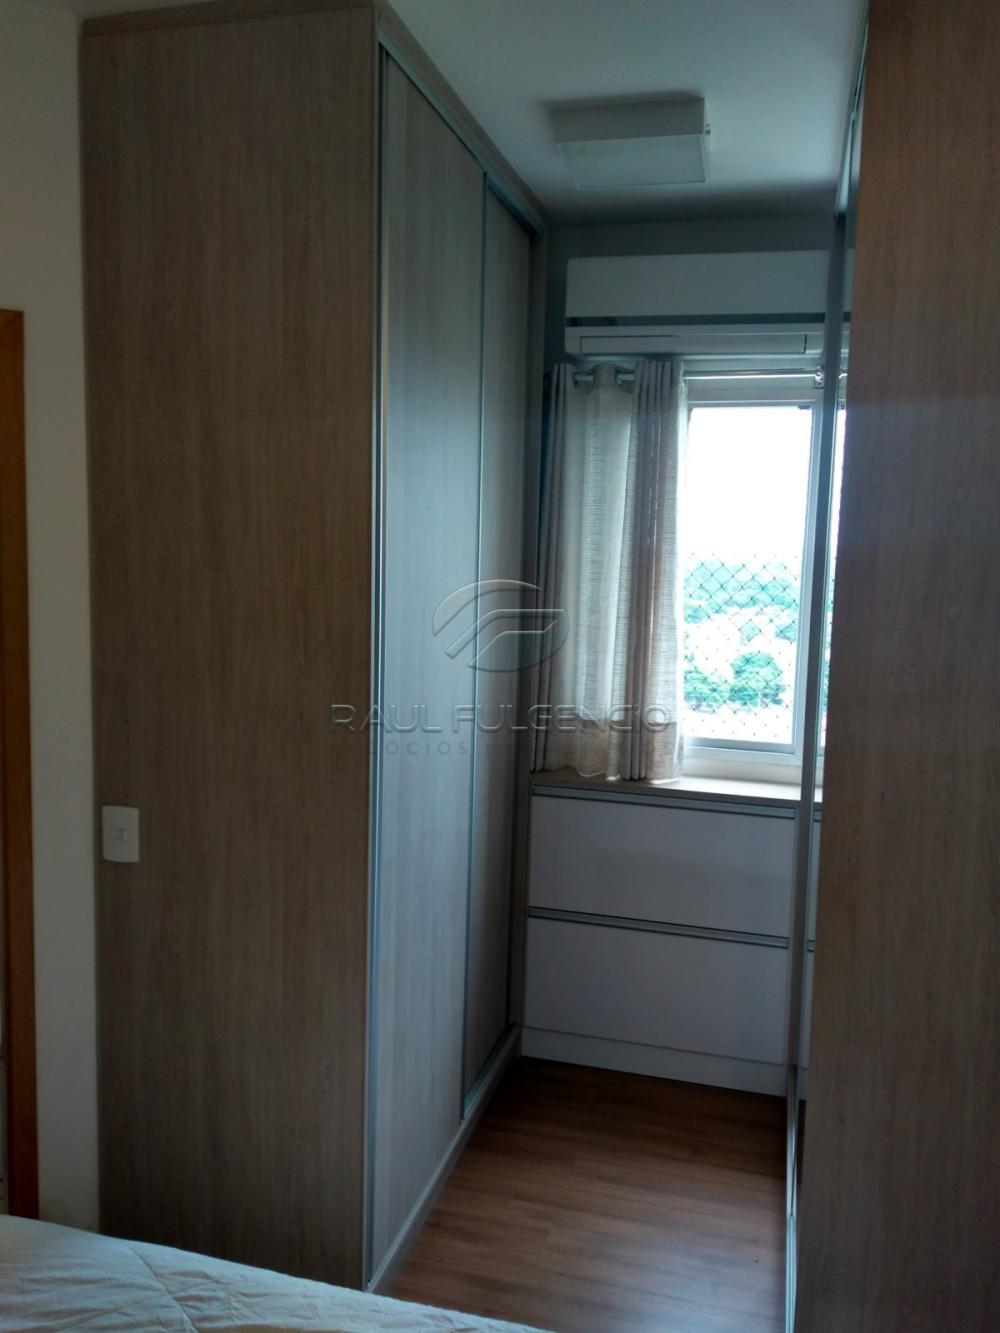 Comprar Apartamento / Padrão em Londrina apenas R$ 340.000,00 - Foto 18